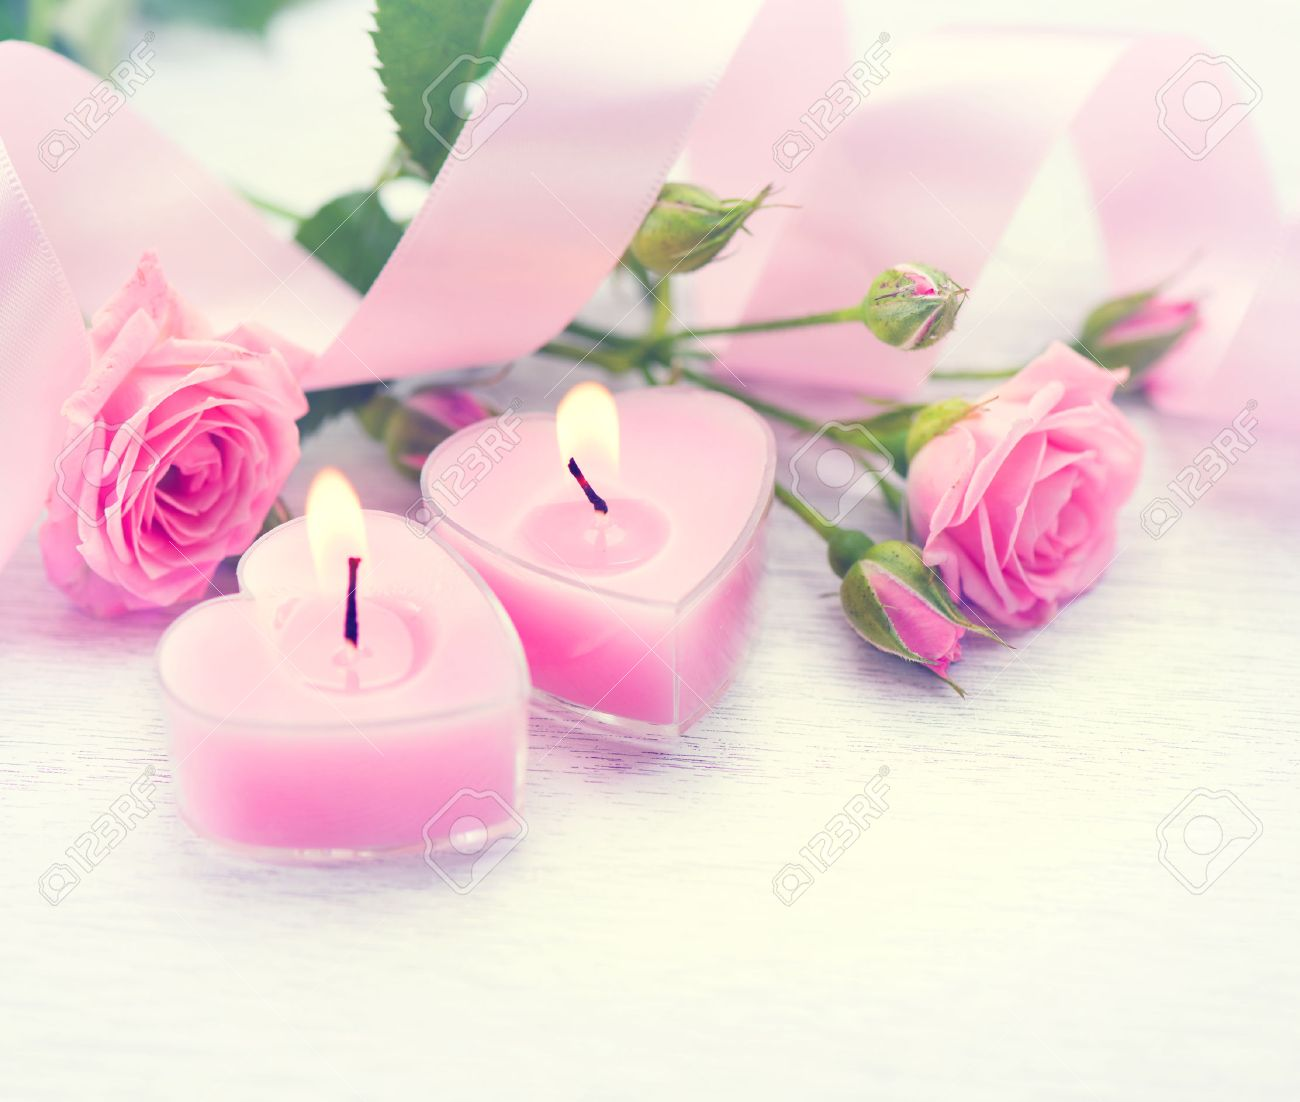 saint valentin. coeur rose en forme de bougies et de fleurs rose